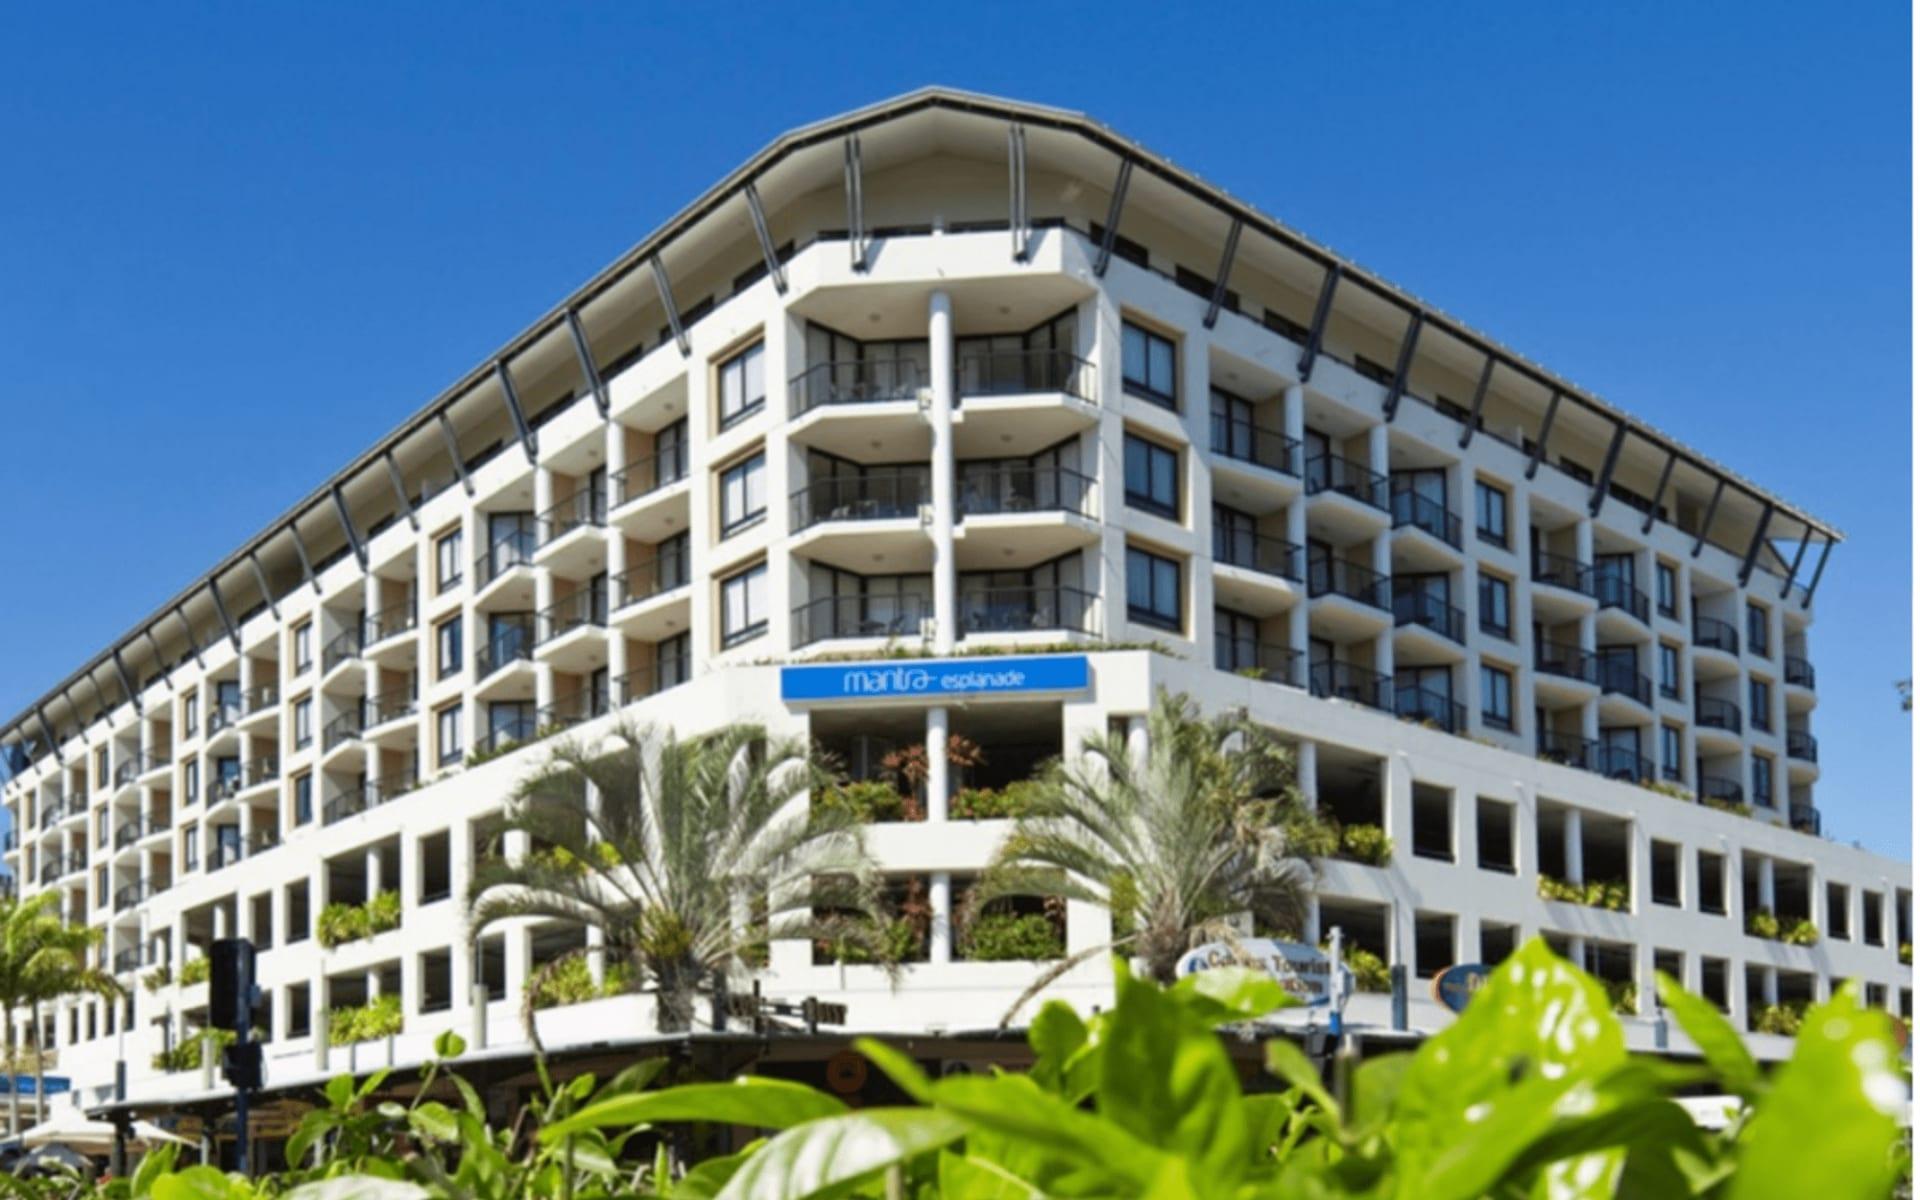 Mantra Esplanade in Cairns: Mantra Esplanade exterior